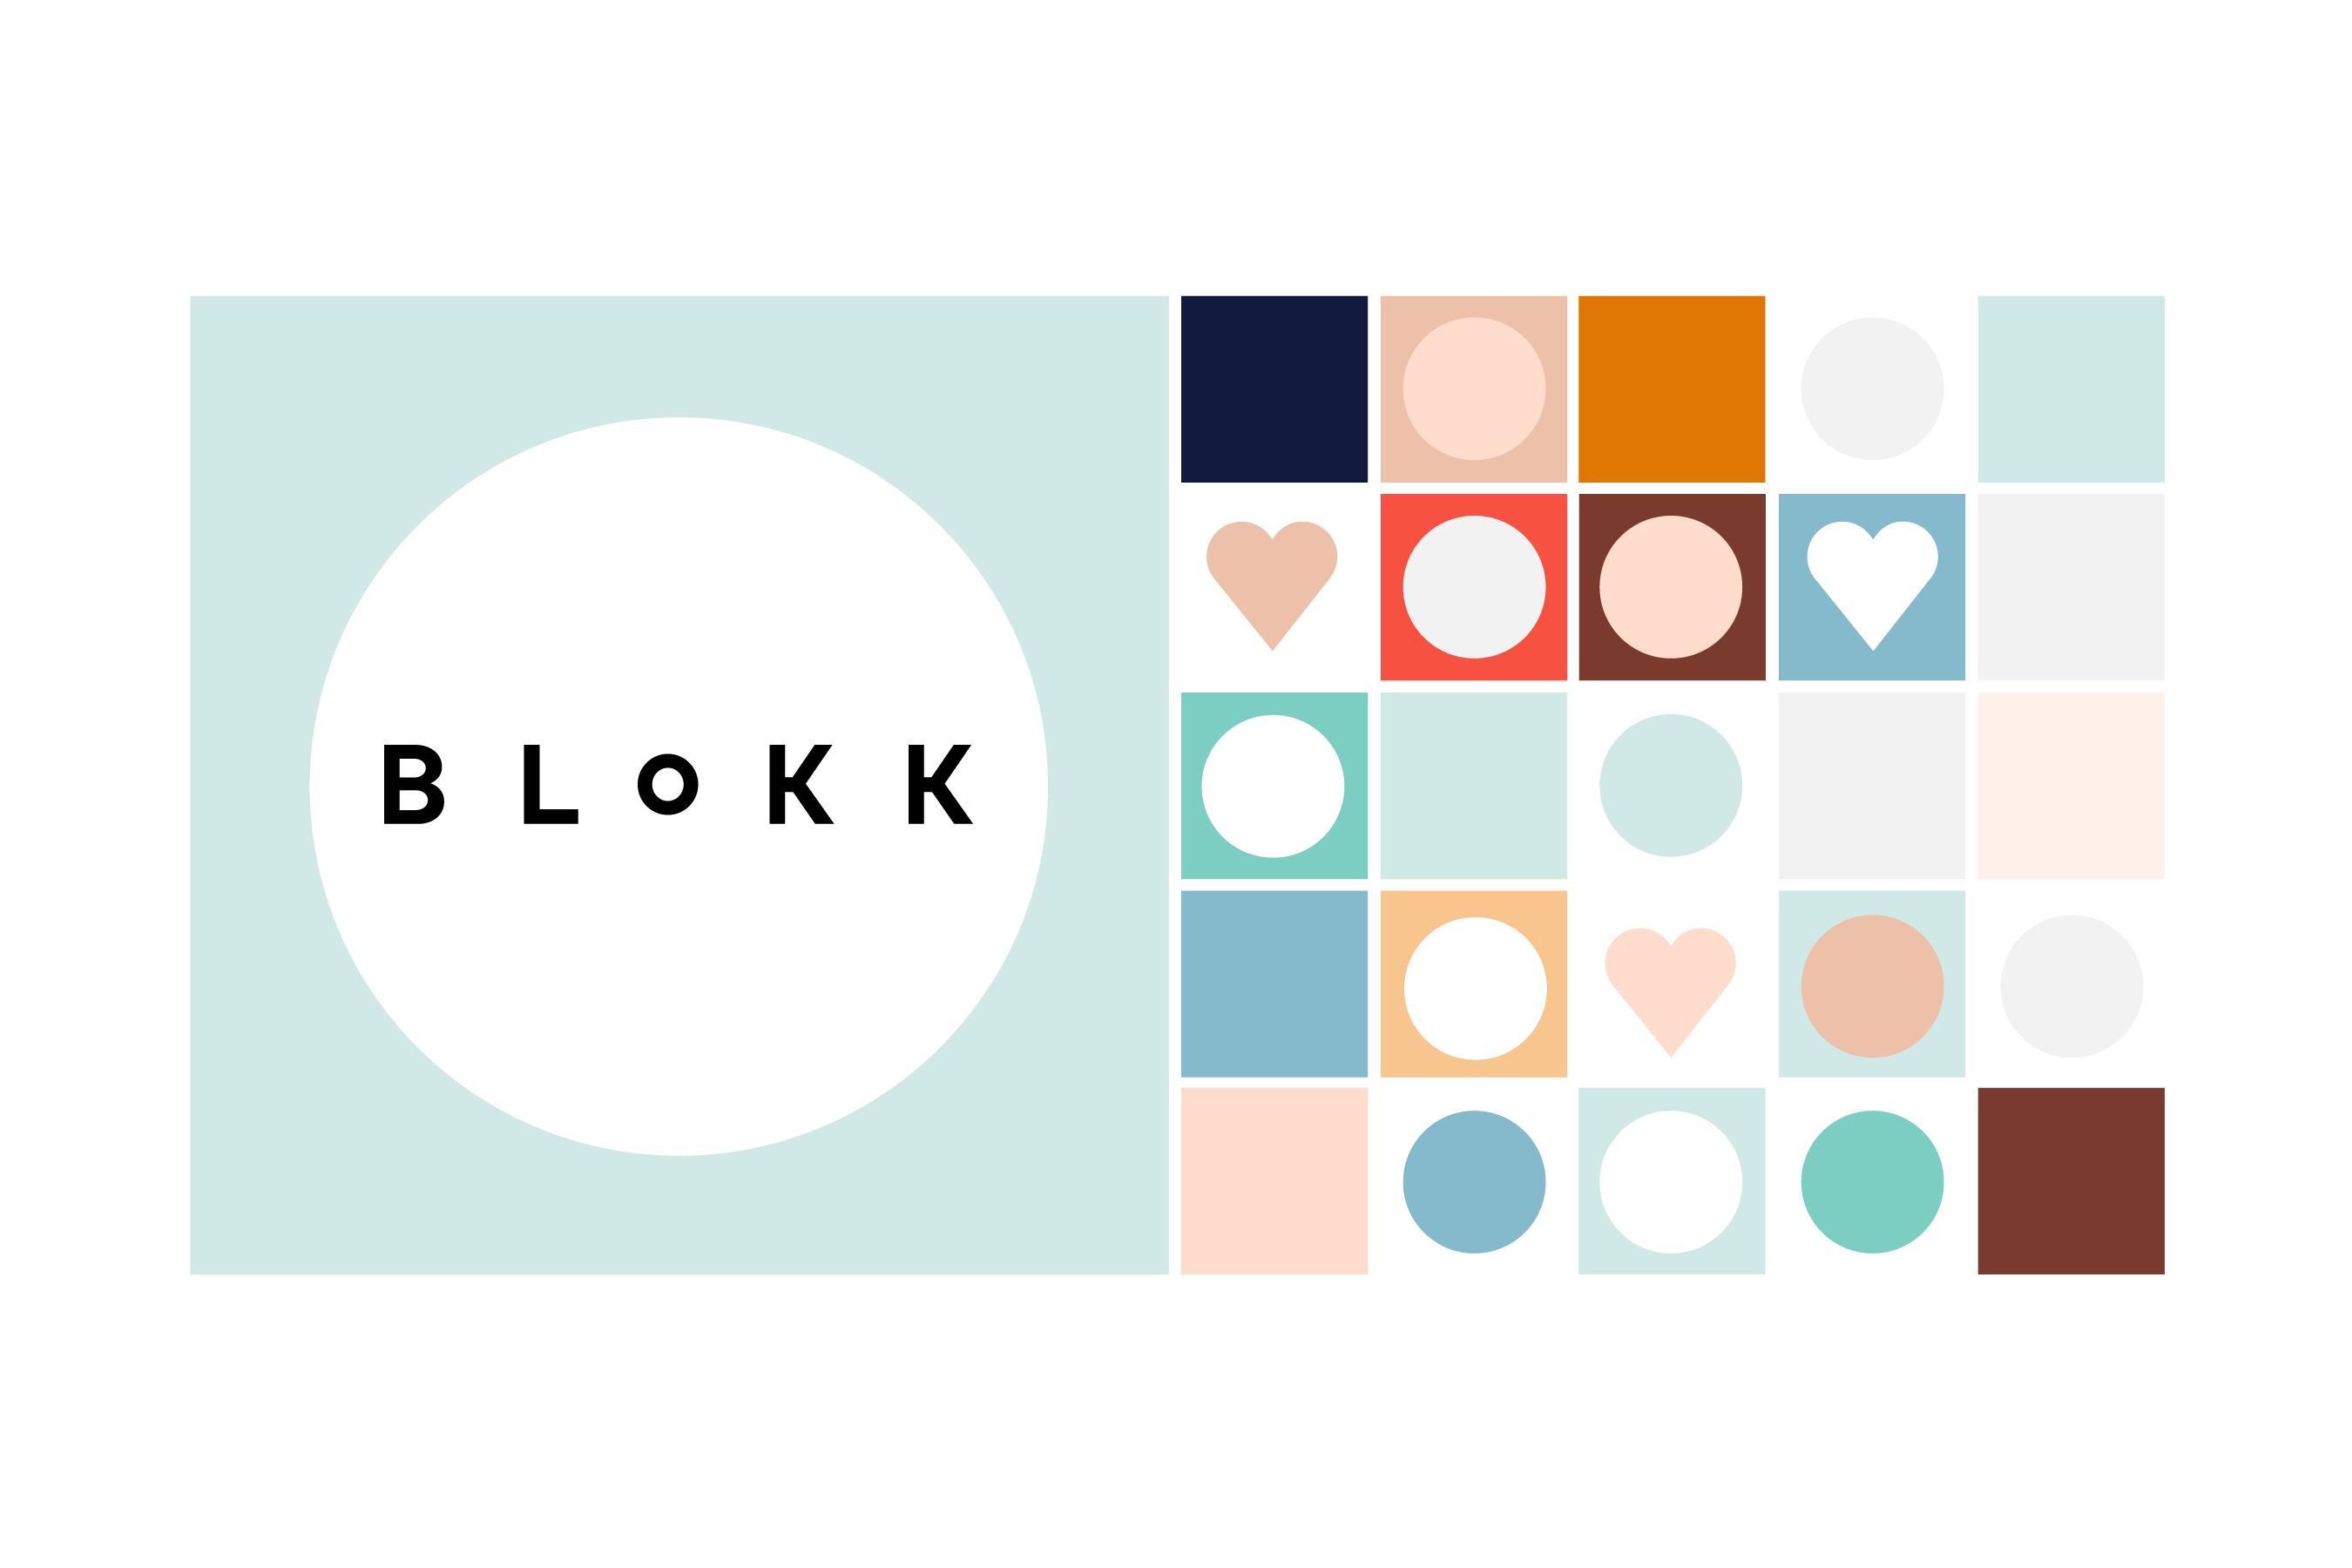 BLOKK_squares